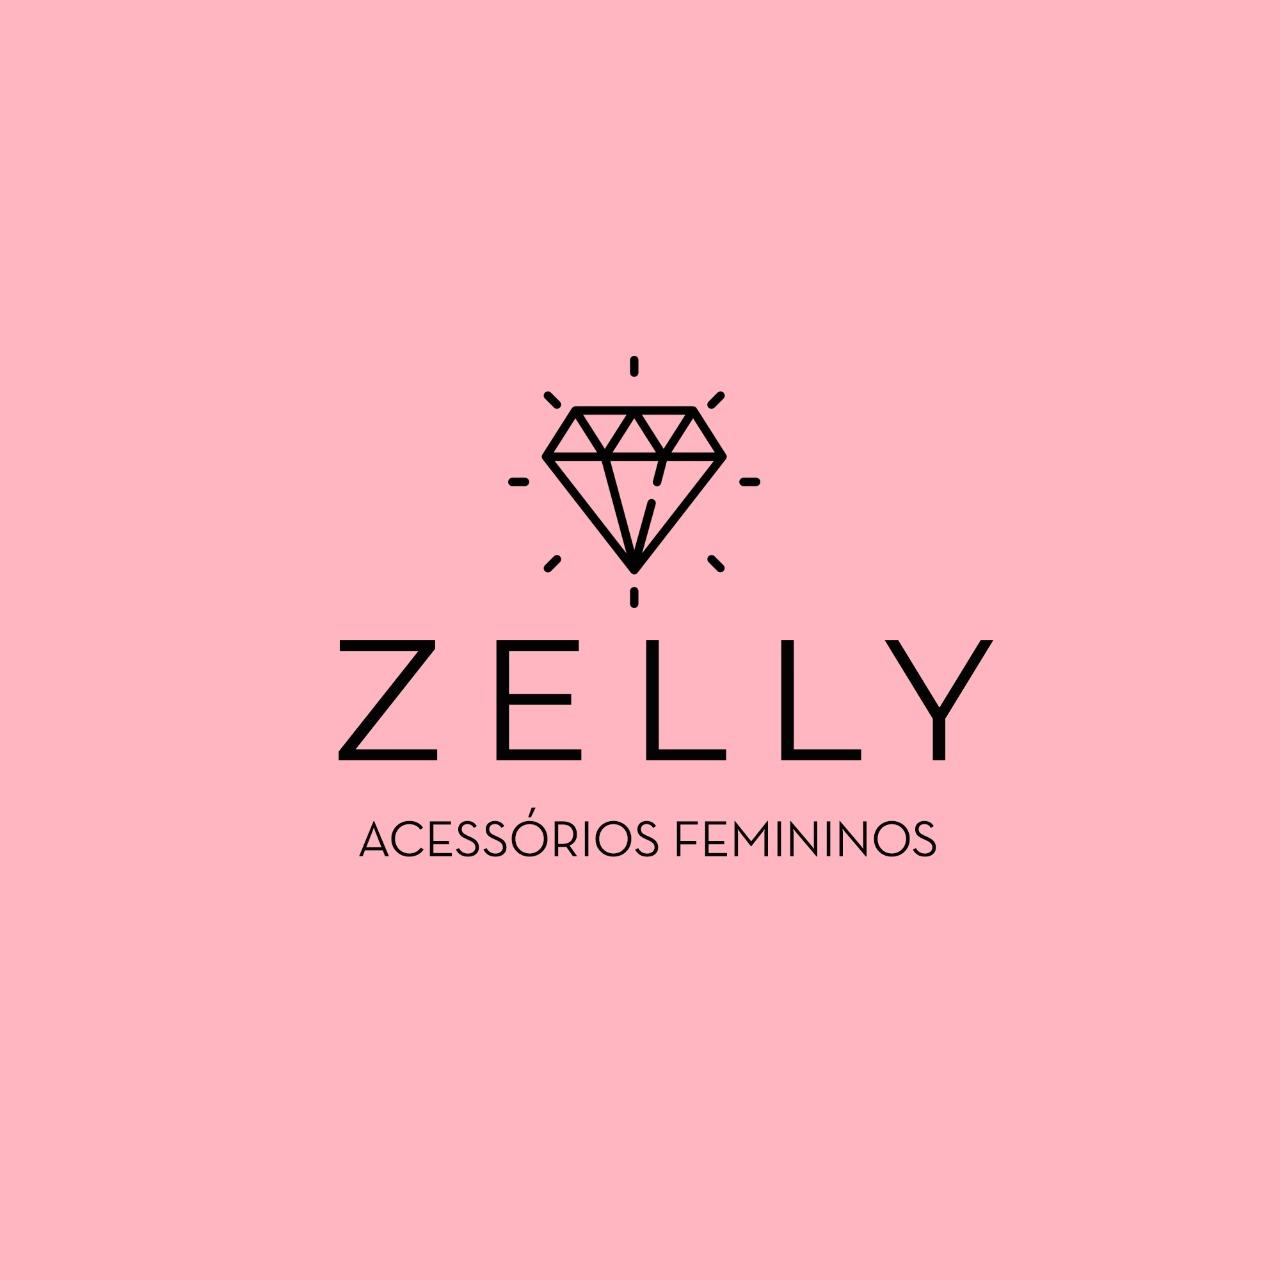 ZELLY Acessórios Femininos